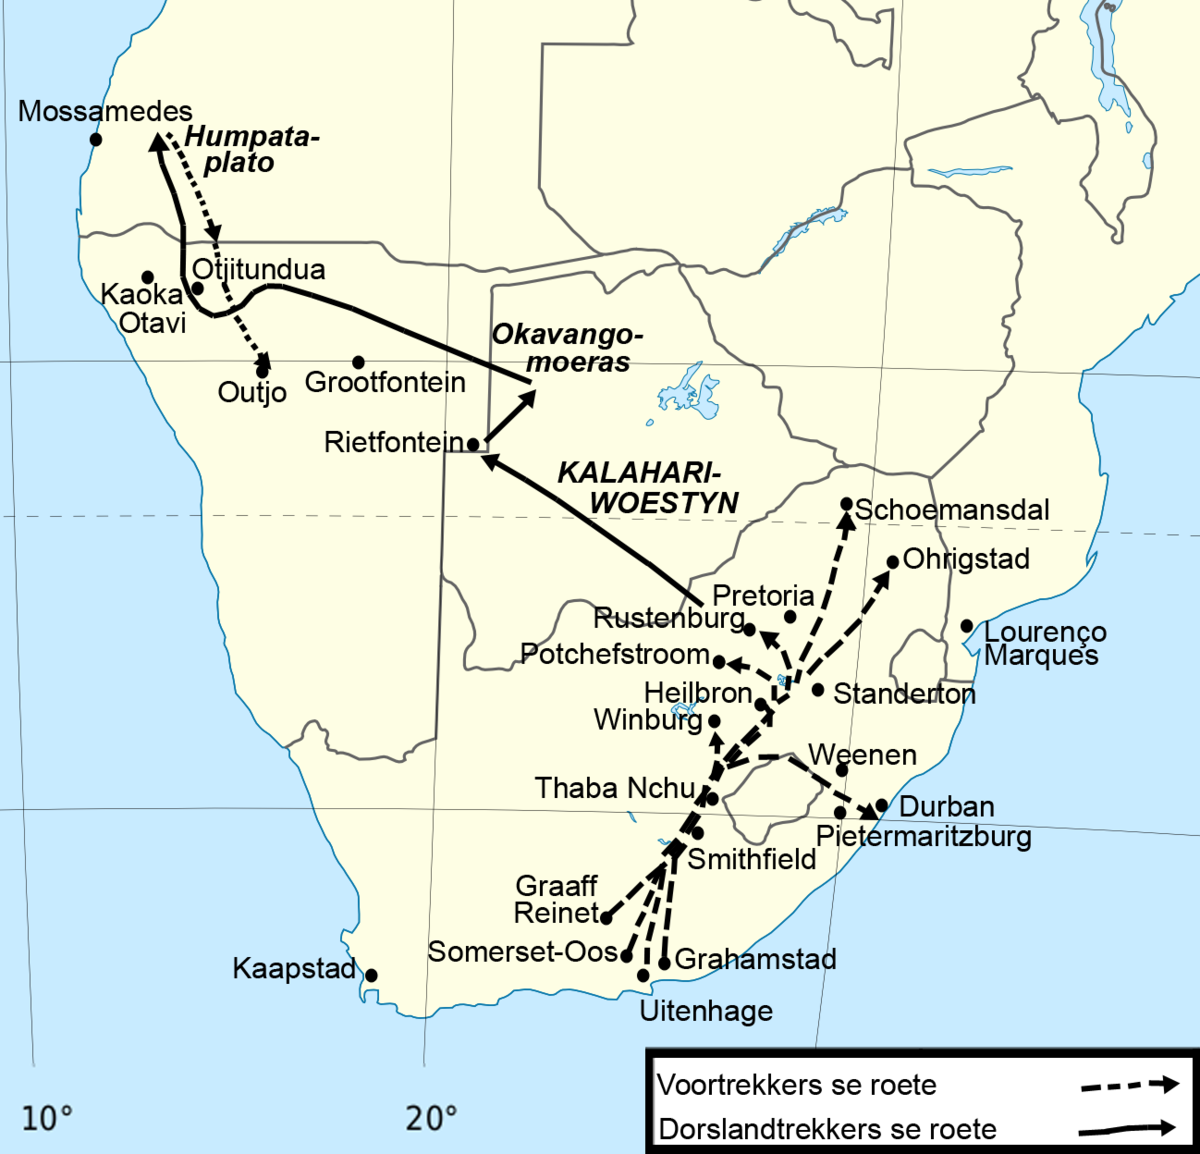 Angola Boere Wikipedia